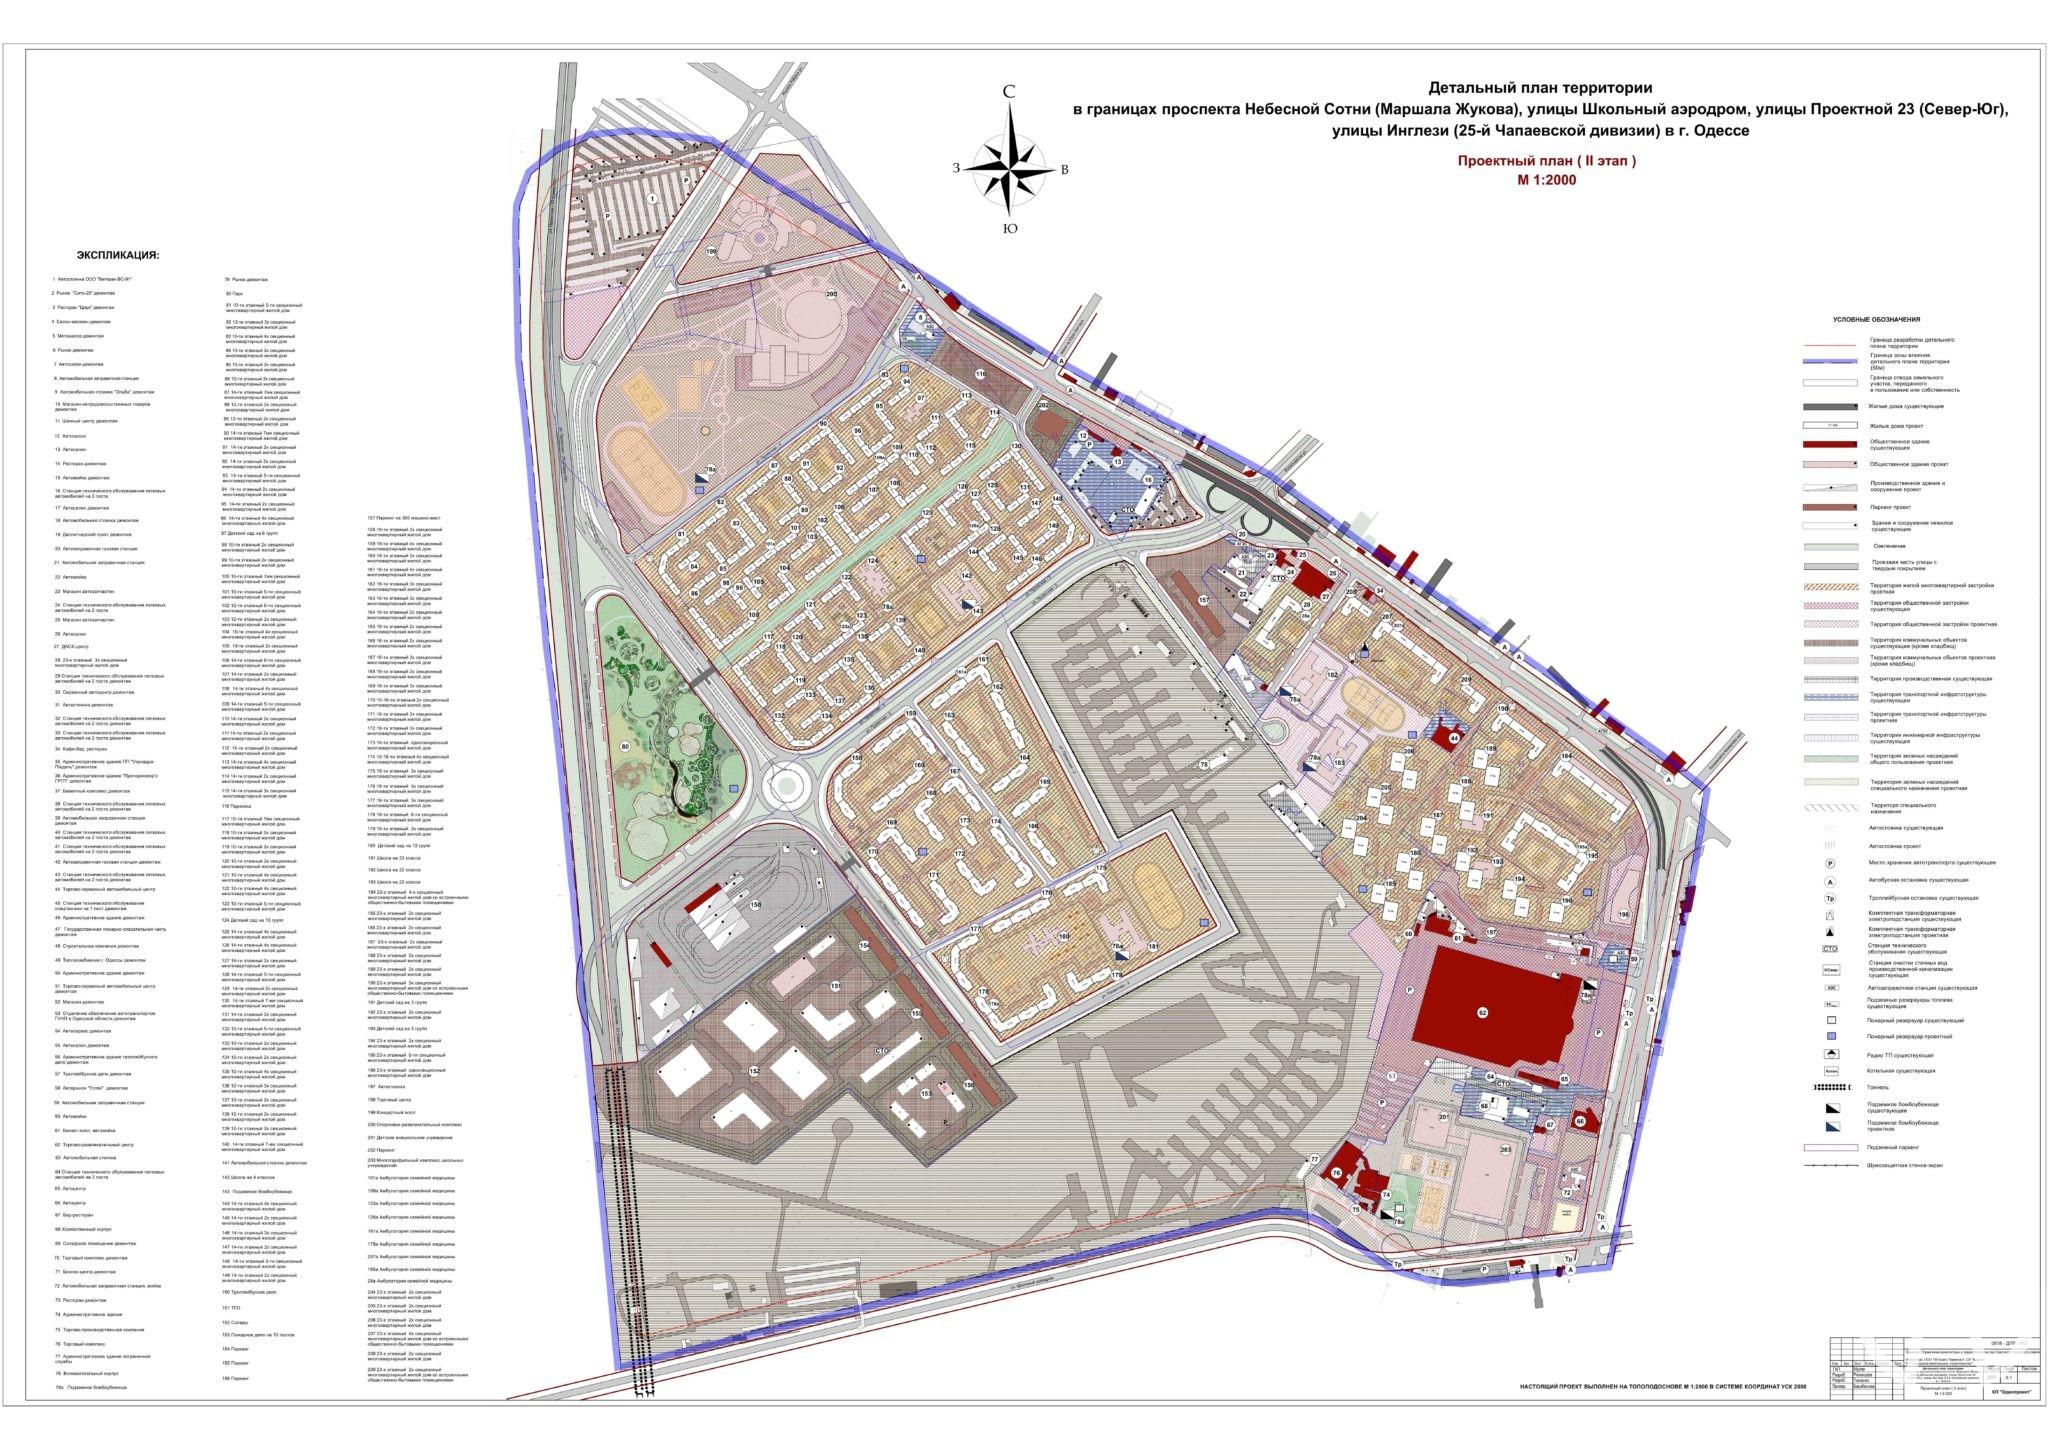 В новом районе между Черемушками и Таирова построят 98 жилых домов от 9 до 23 этажей